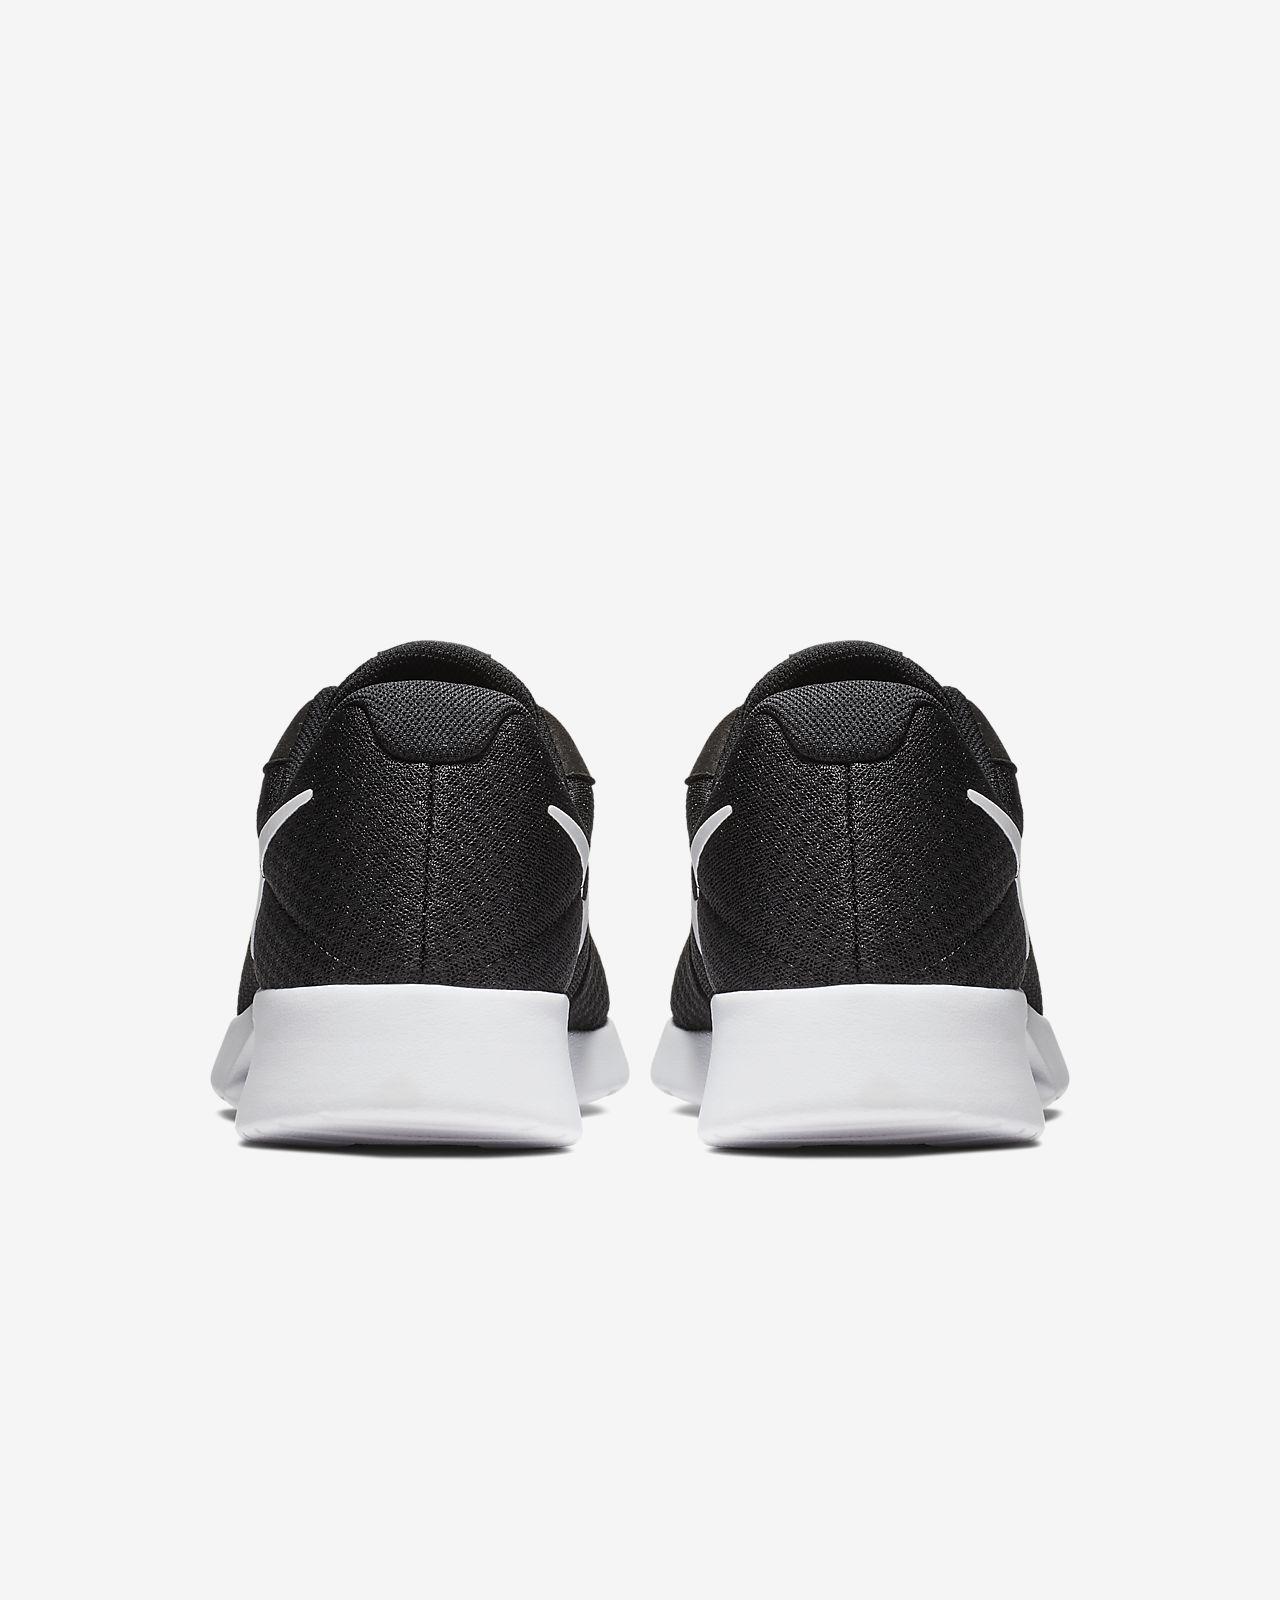 822331f04da7 Low Resolution Nike Tanjun Men s Shoe Nike Tanjun Men s Shoe